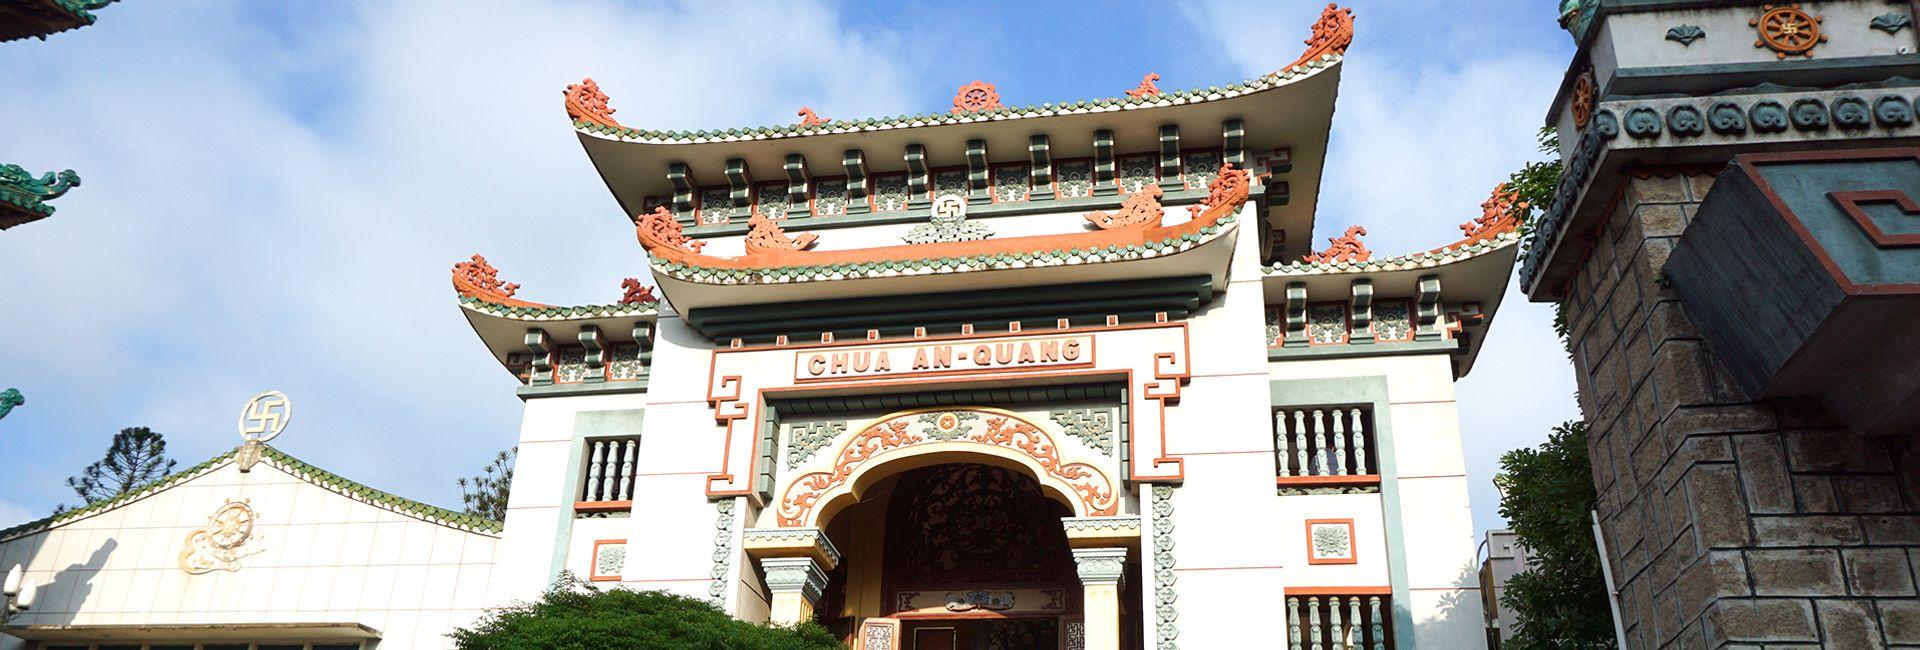 Hướng dẫn tham quan chùa Ấn Quang, Sài Gòn